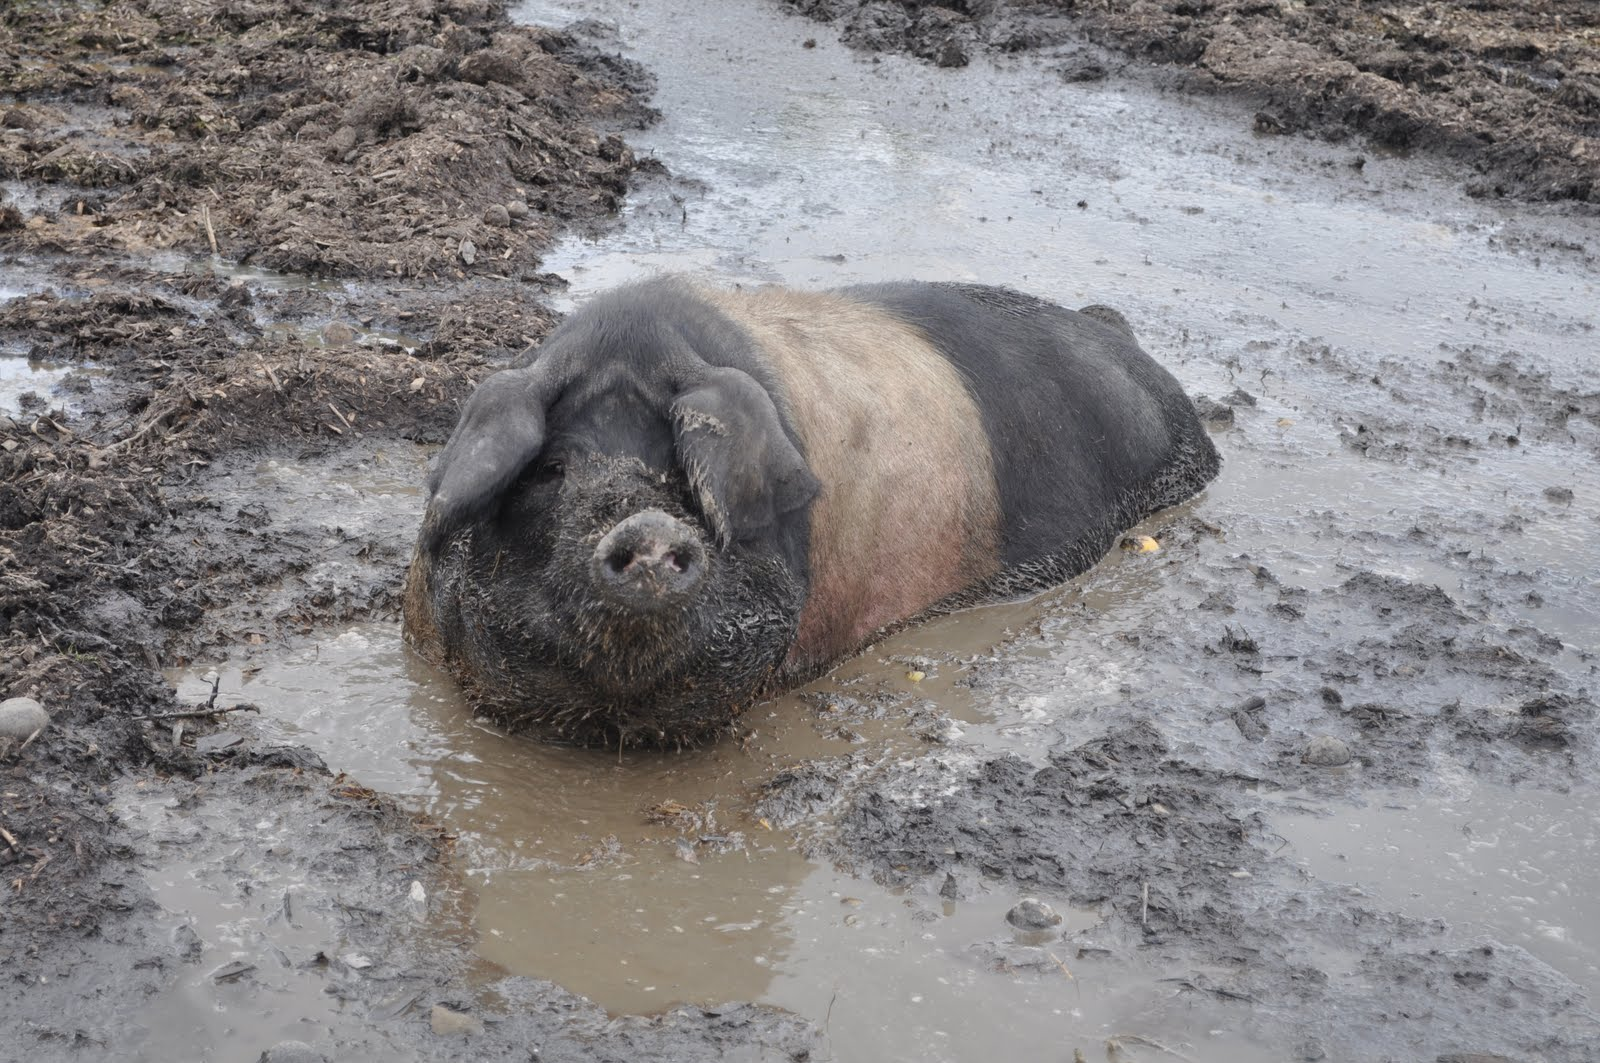 hog in wallow.